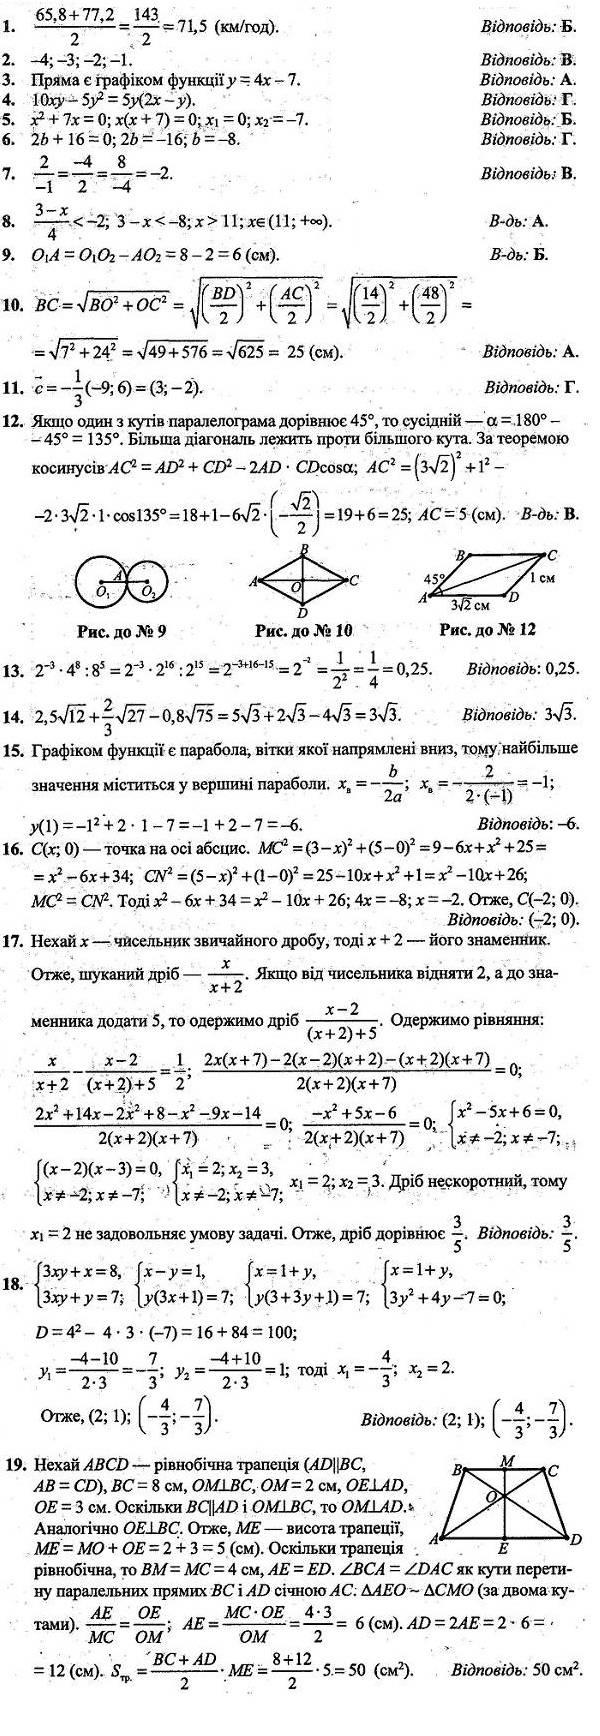 Відповіді до посібника ДПА-2020 9 клас ІСТЕР (збірник завдань для атестаційних письмових робіт)